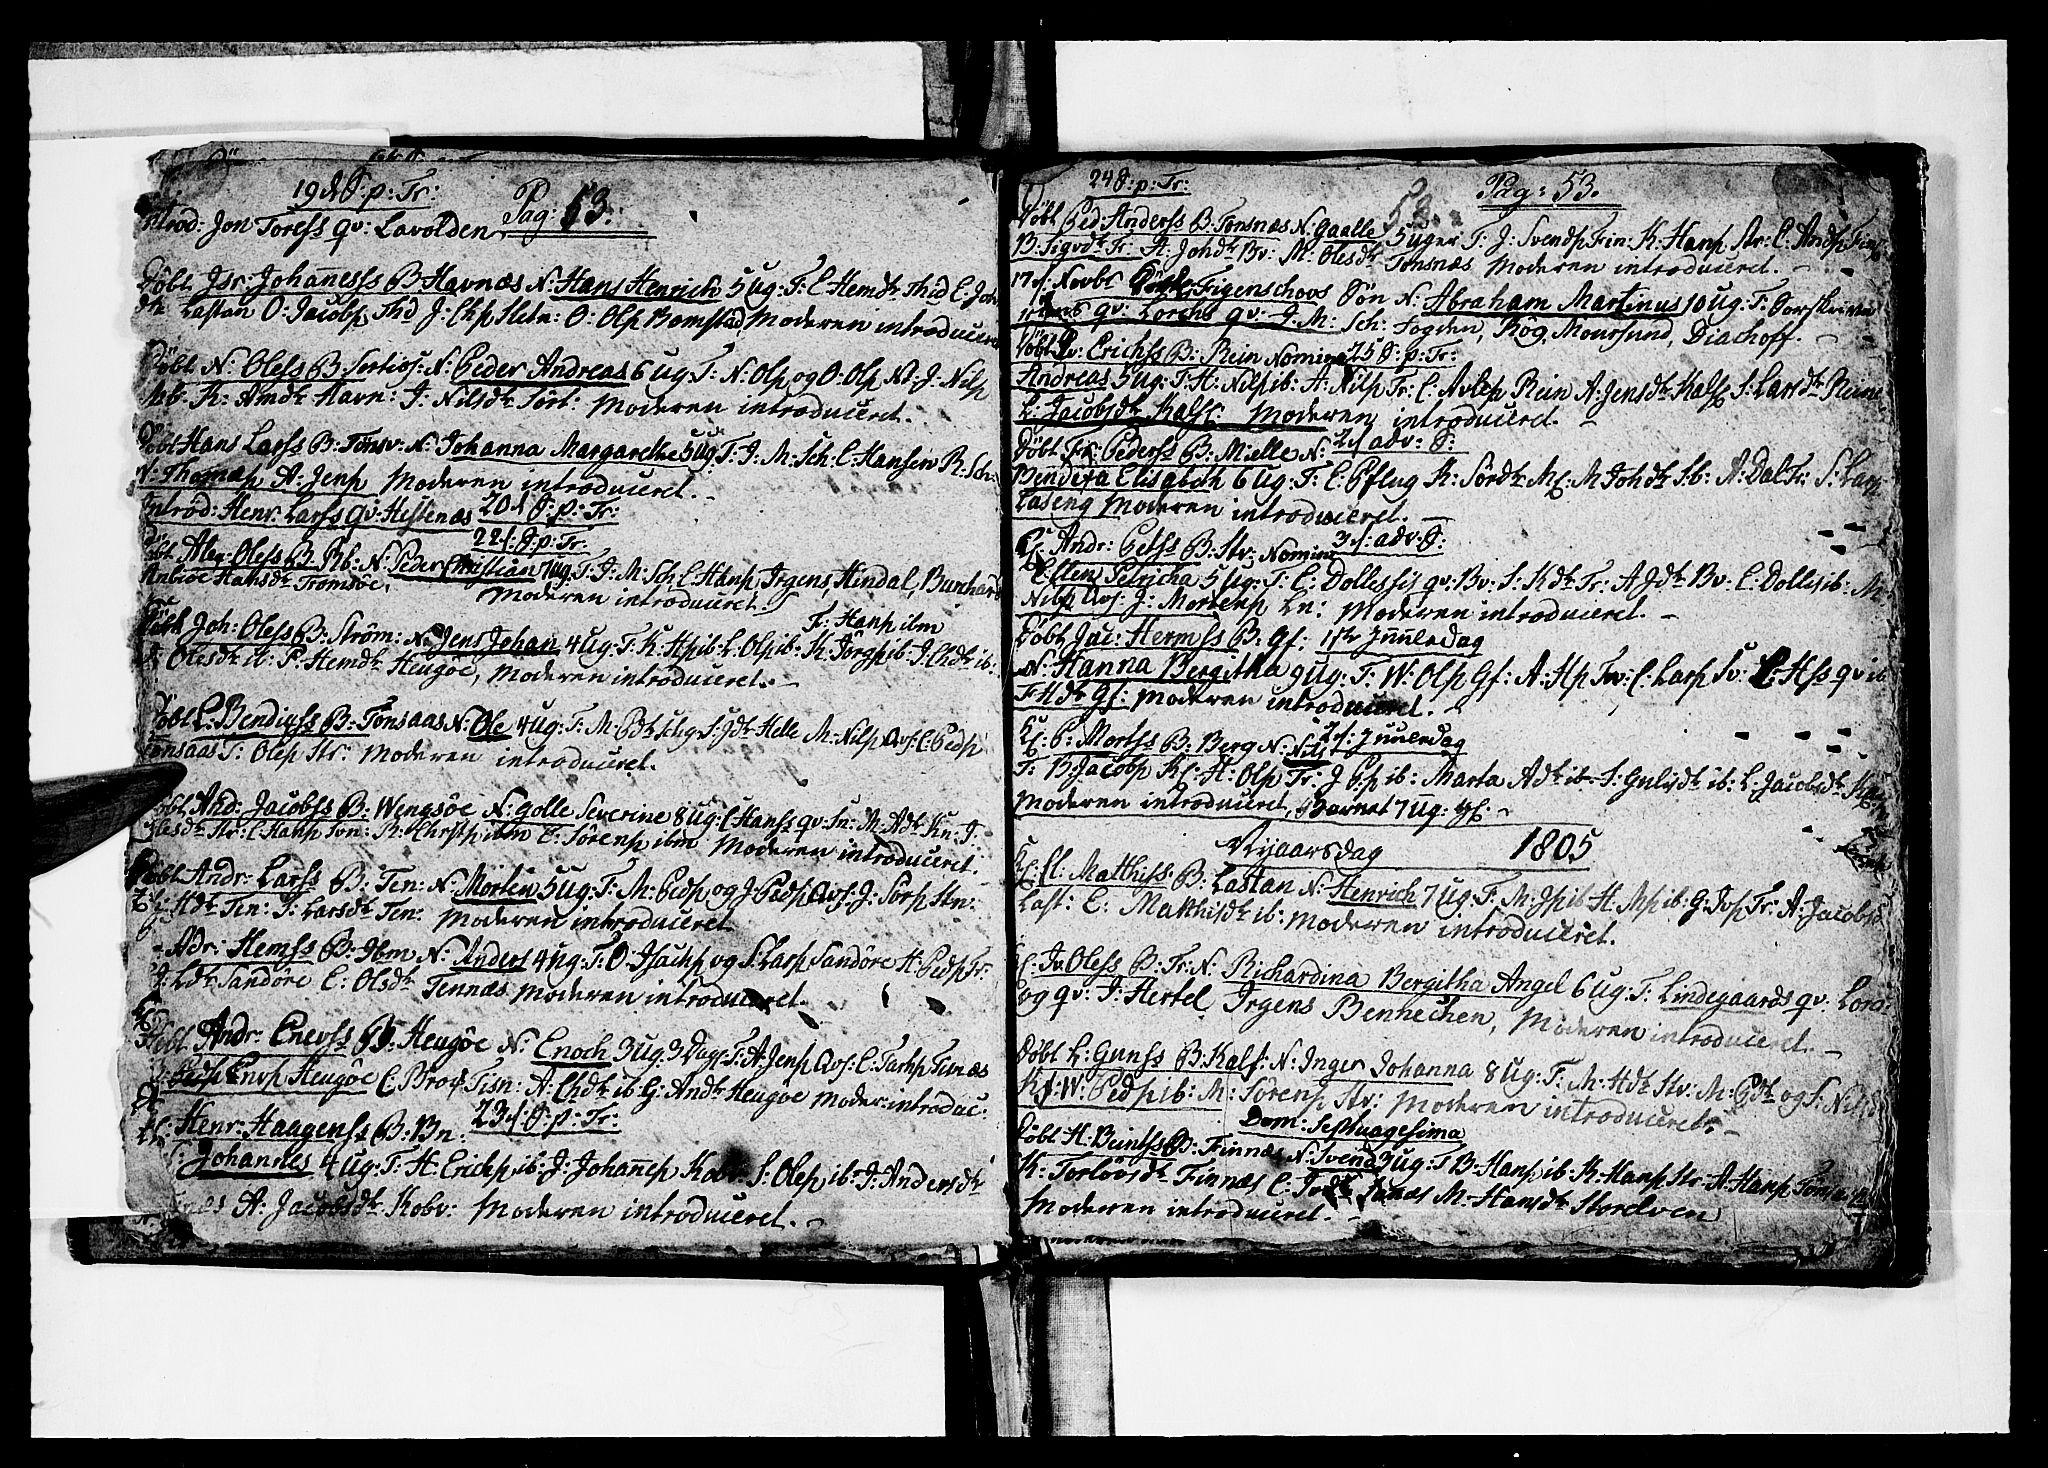 SATØ, Tromsø sokneprestkontor/stiftsprosti/domprosti, G/Ga/L0005kirke: Ministerialbok nr. 5, 1796-1808, s. 53